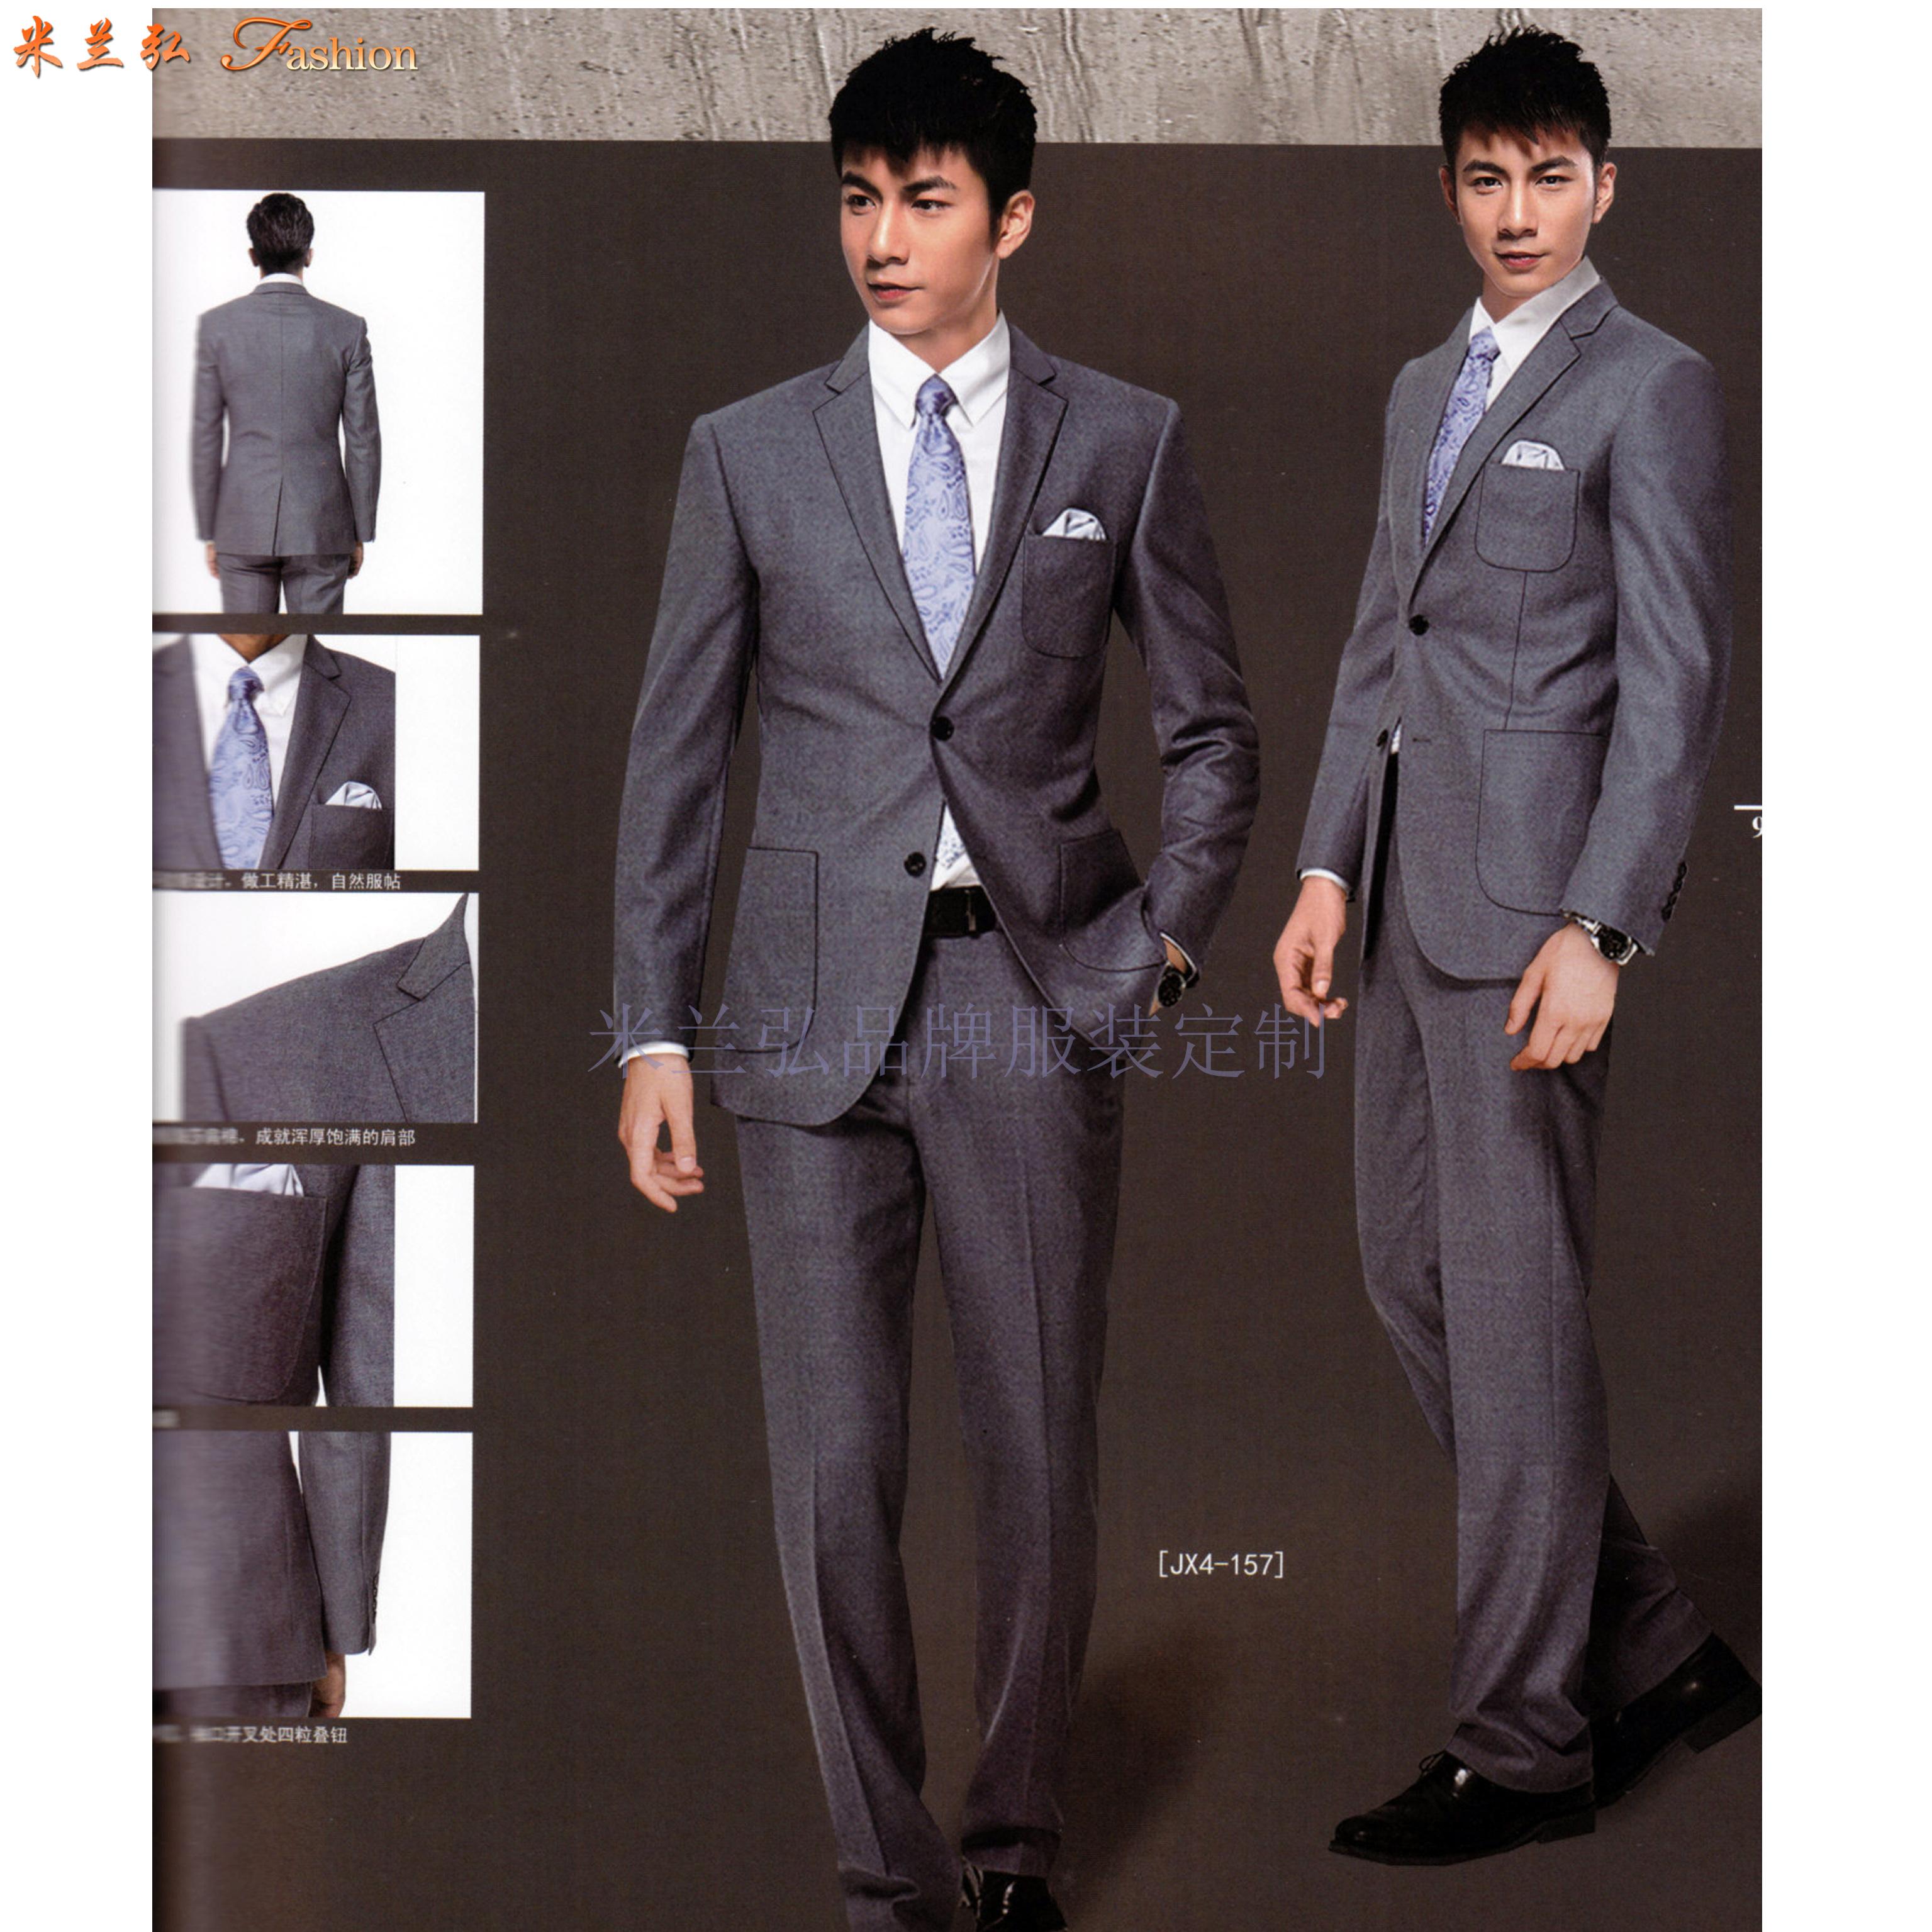 北京商務西裝西服定做-米蘭弘量身定制企事業單位正裝西服-3